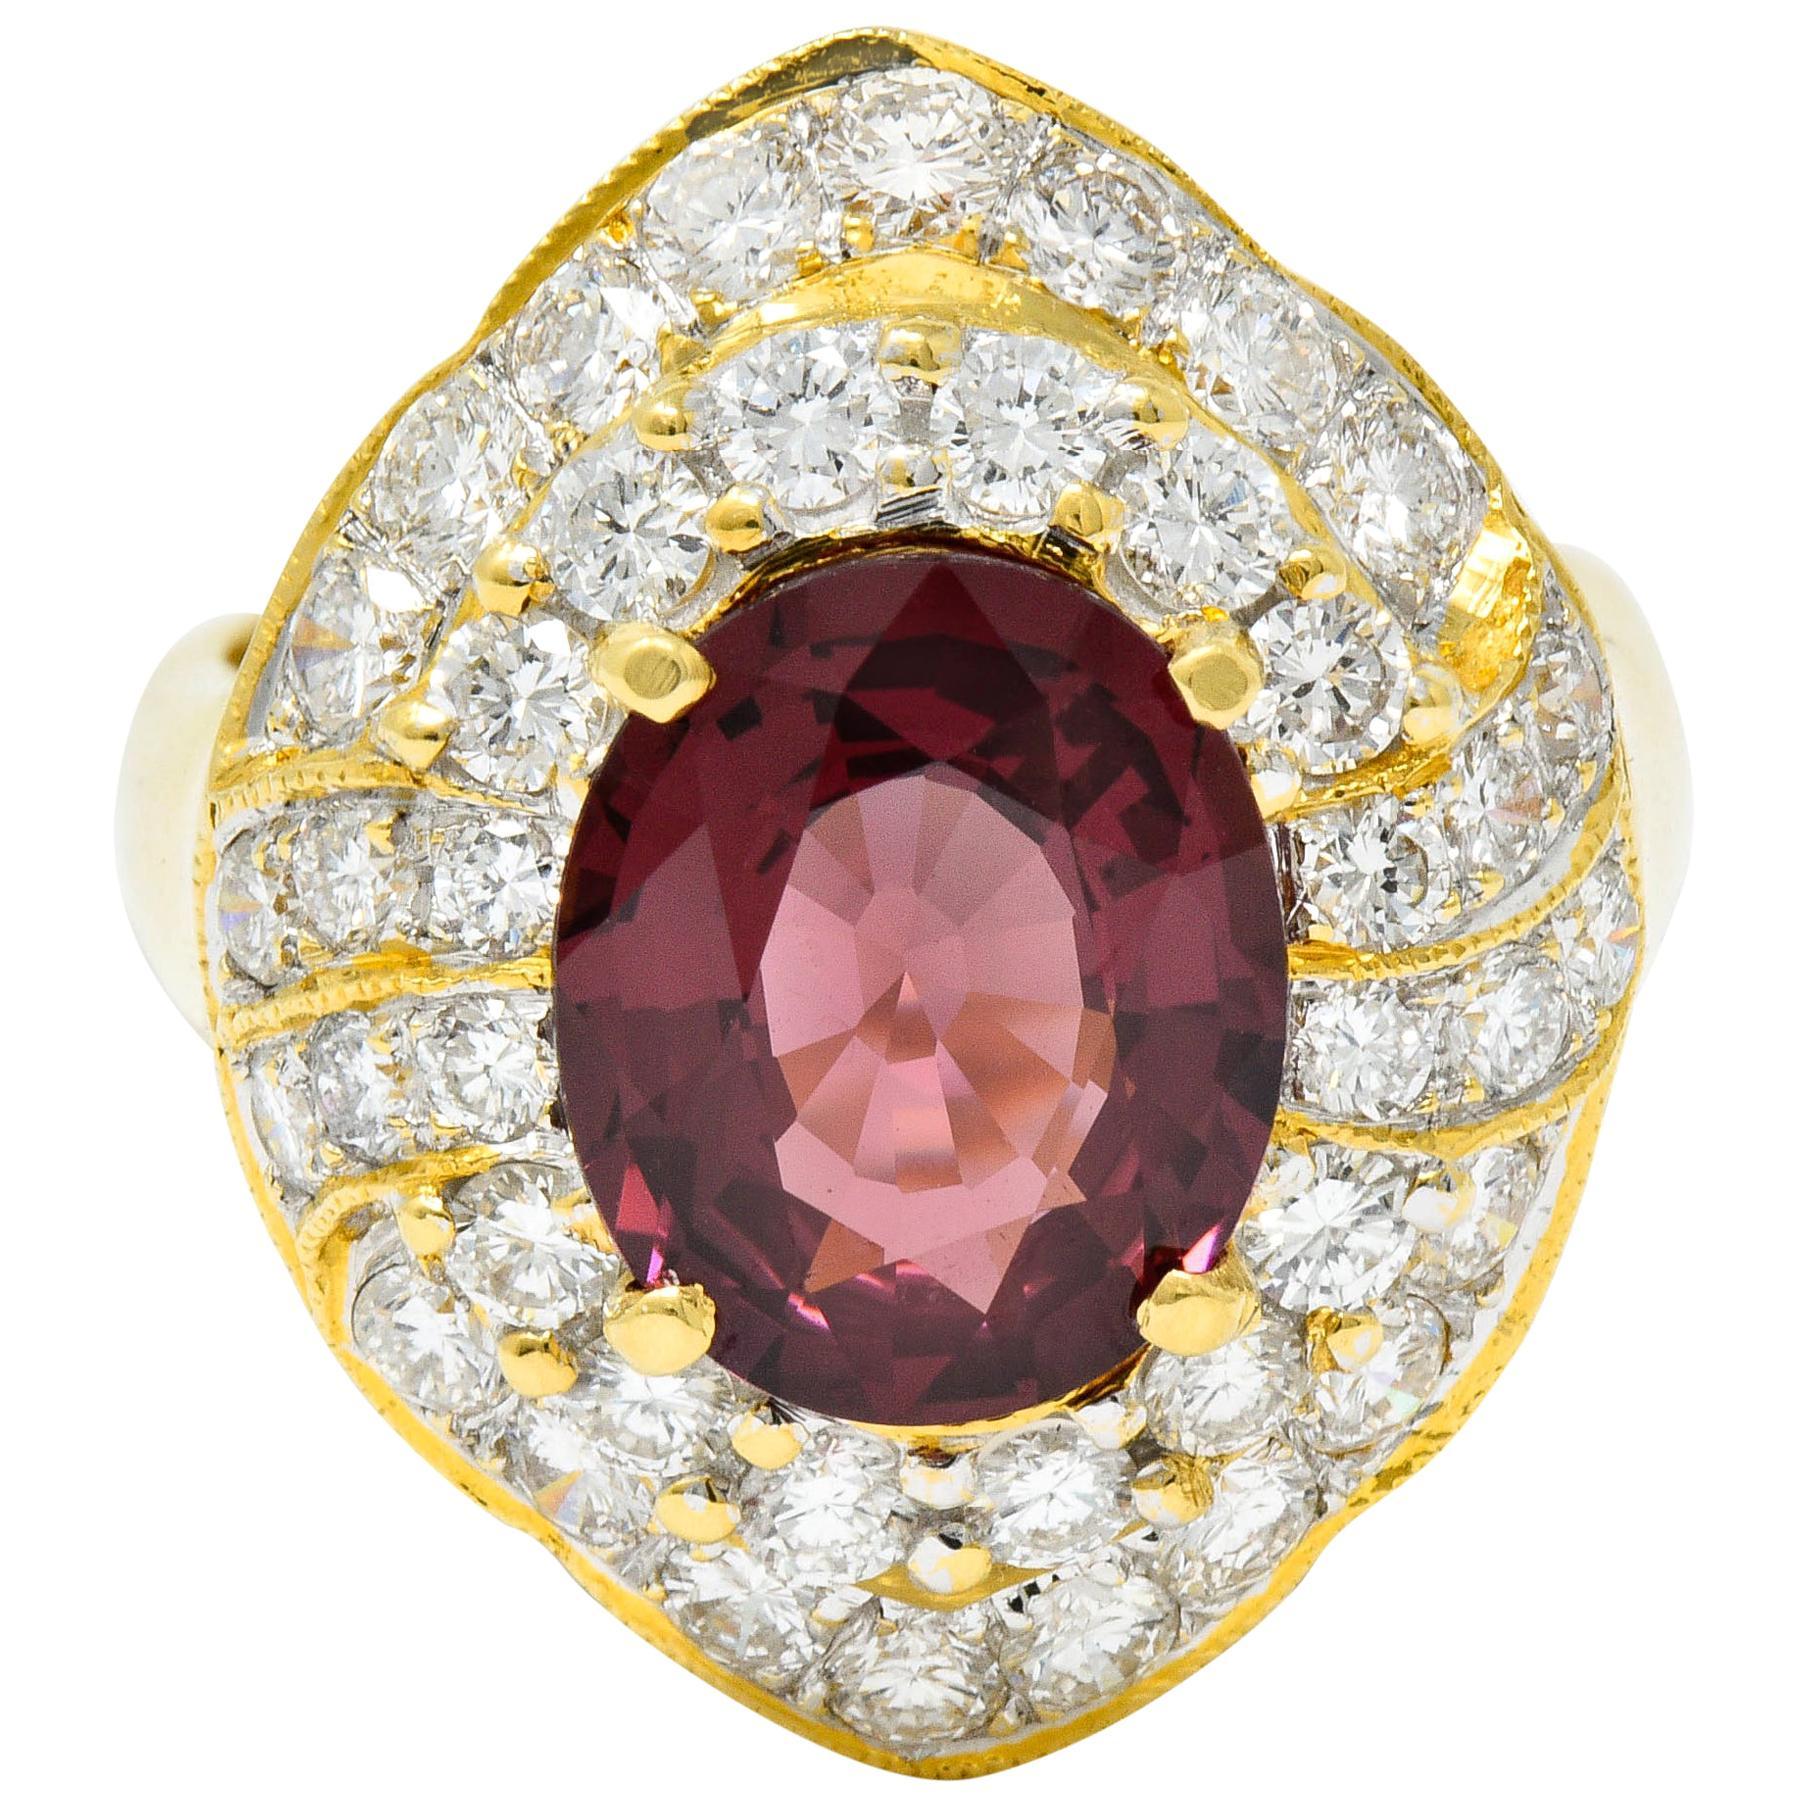 Vintage 4.88 Carat No Heat Spinel Diamond 18 Karat Gold Cluster Ring GIA